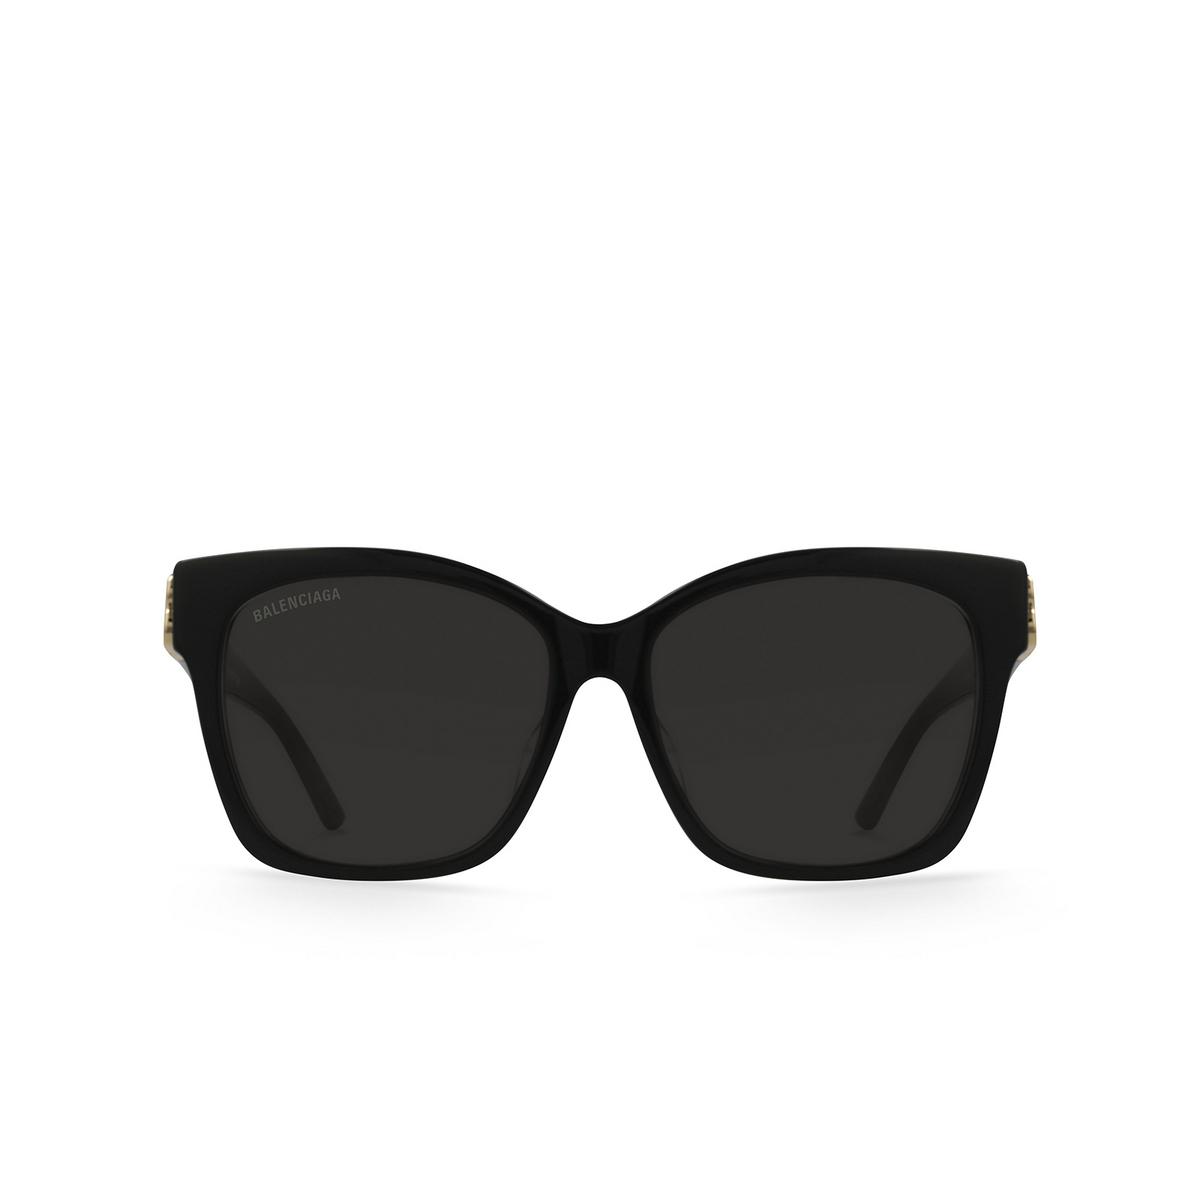 Balenciaga® Square Sunglasses: BB0102SA color Black 001 - 1/3.